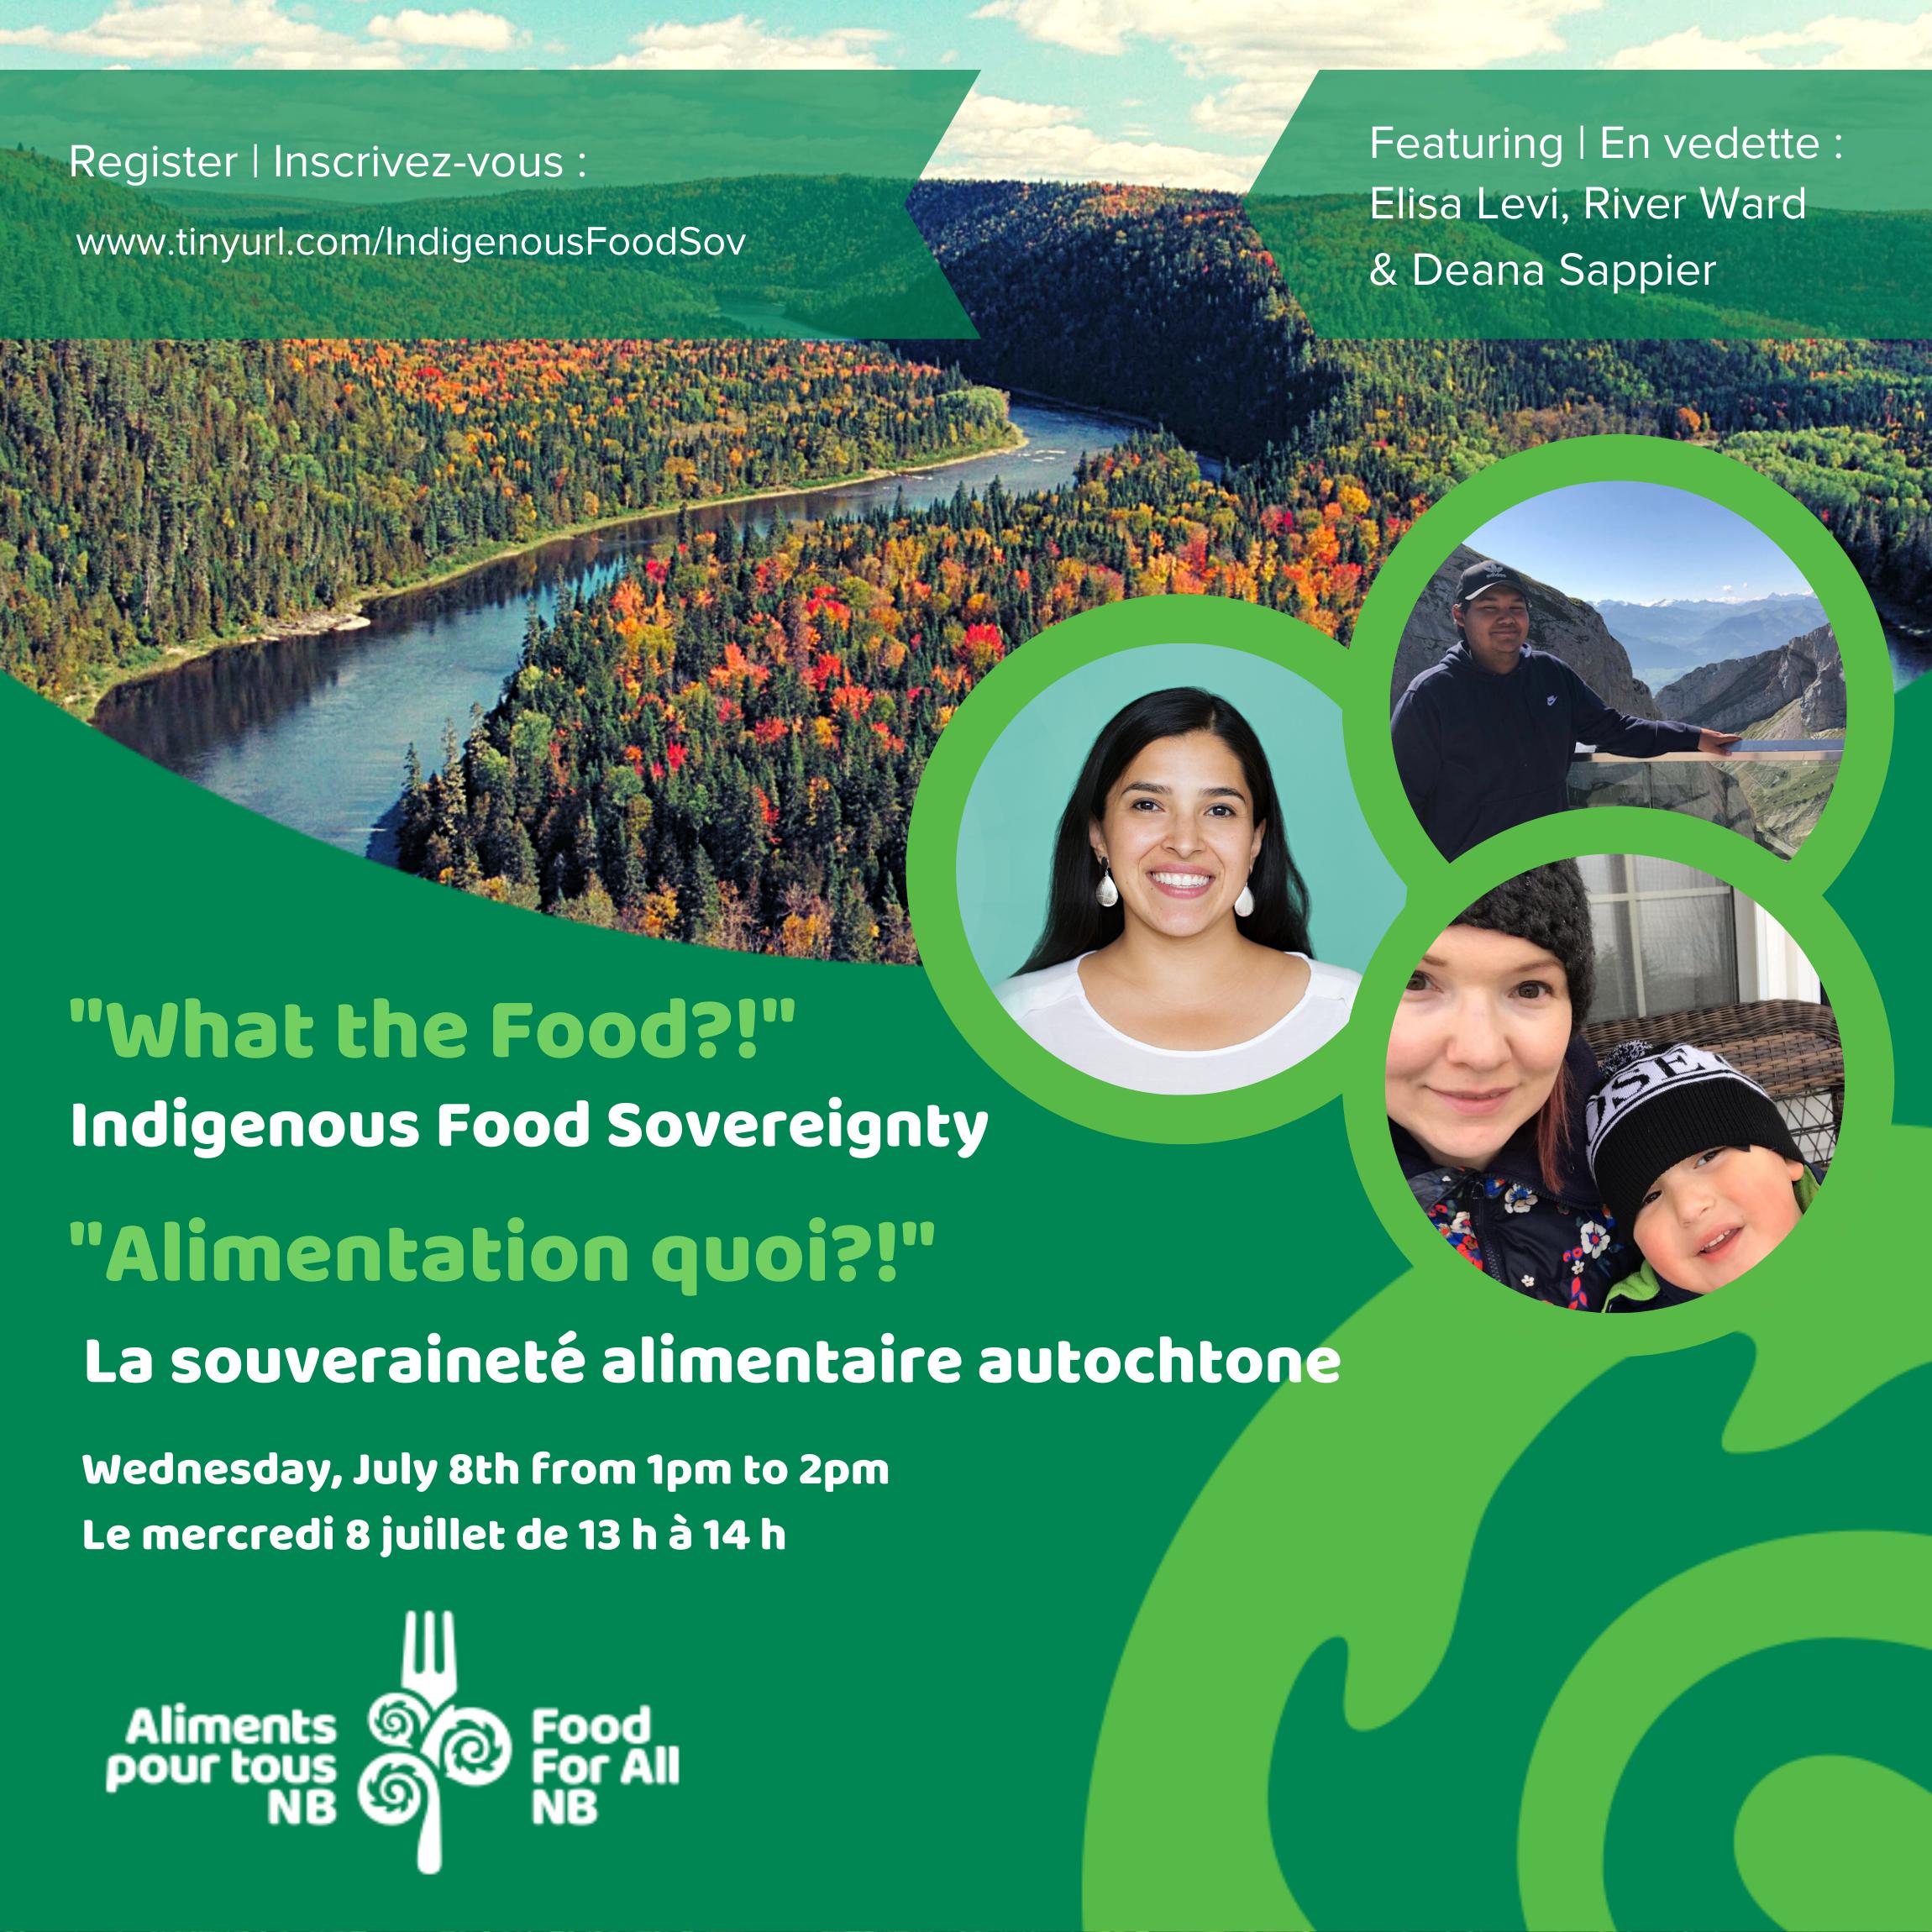 Alimentation Quoi?! Épisode 4 : La souveraineté alimentaire autochtone